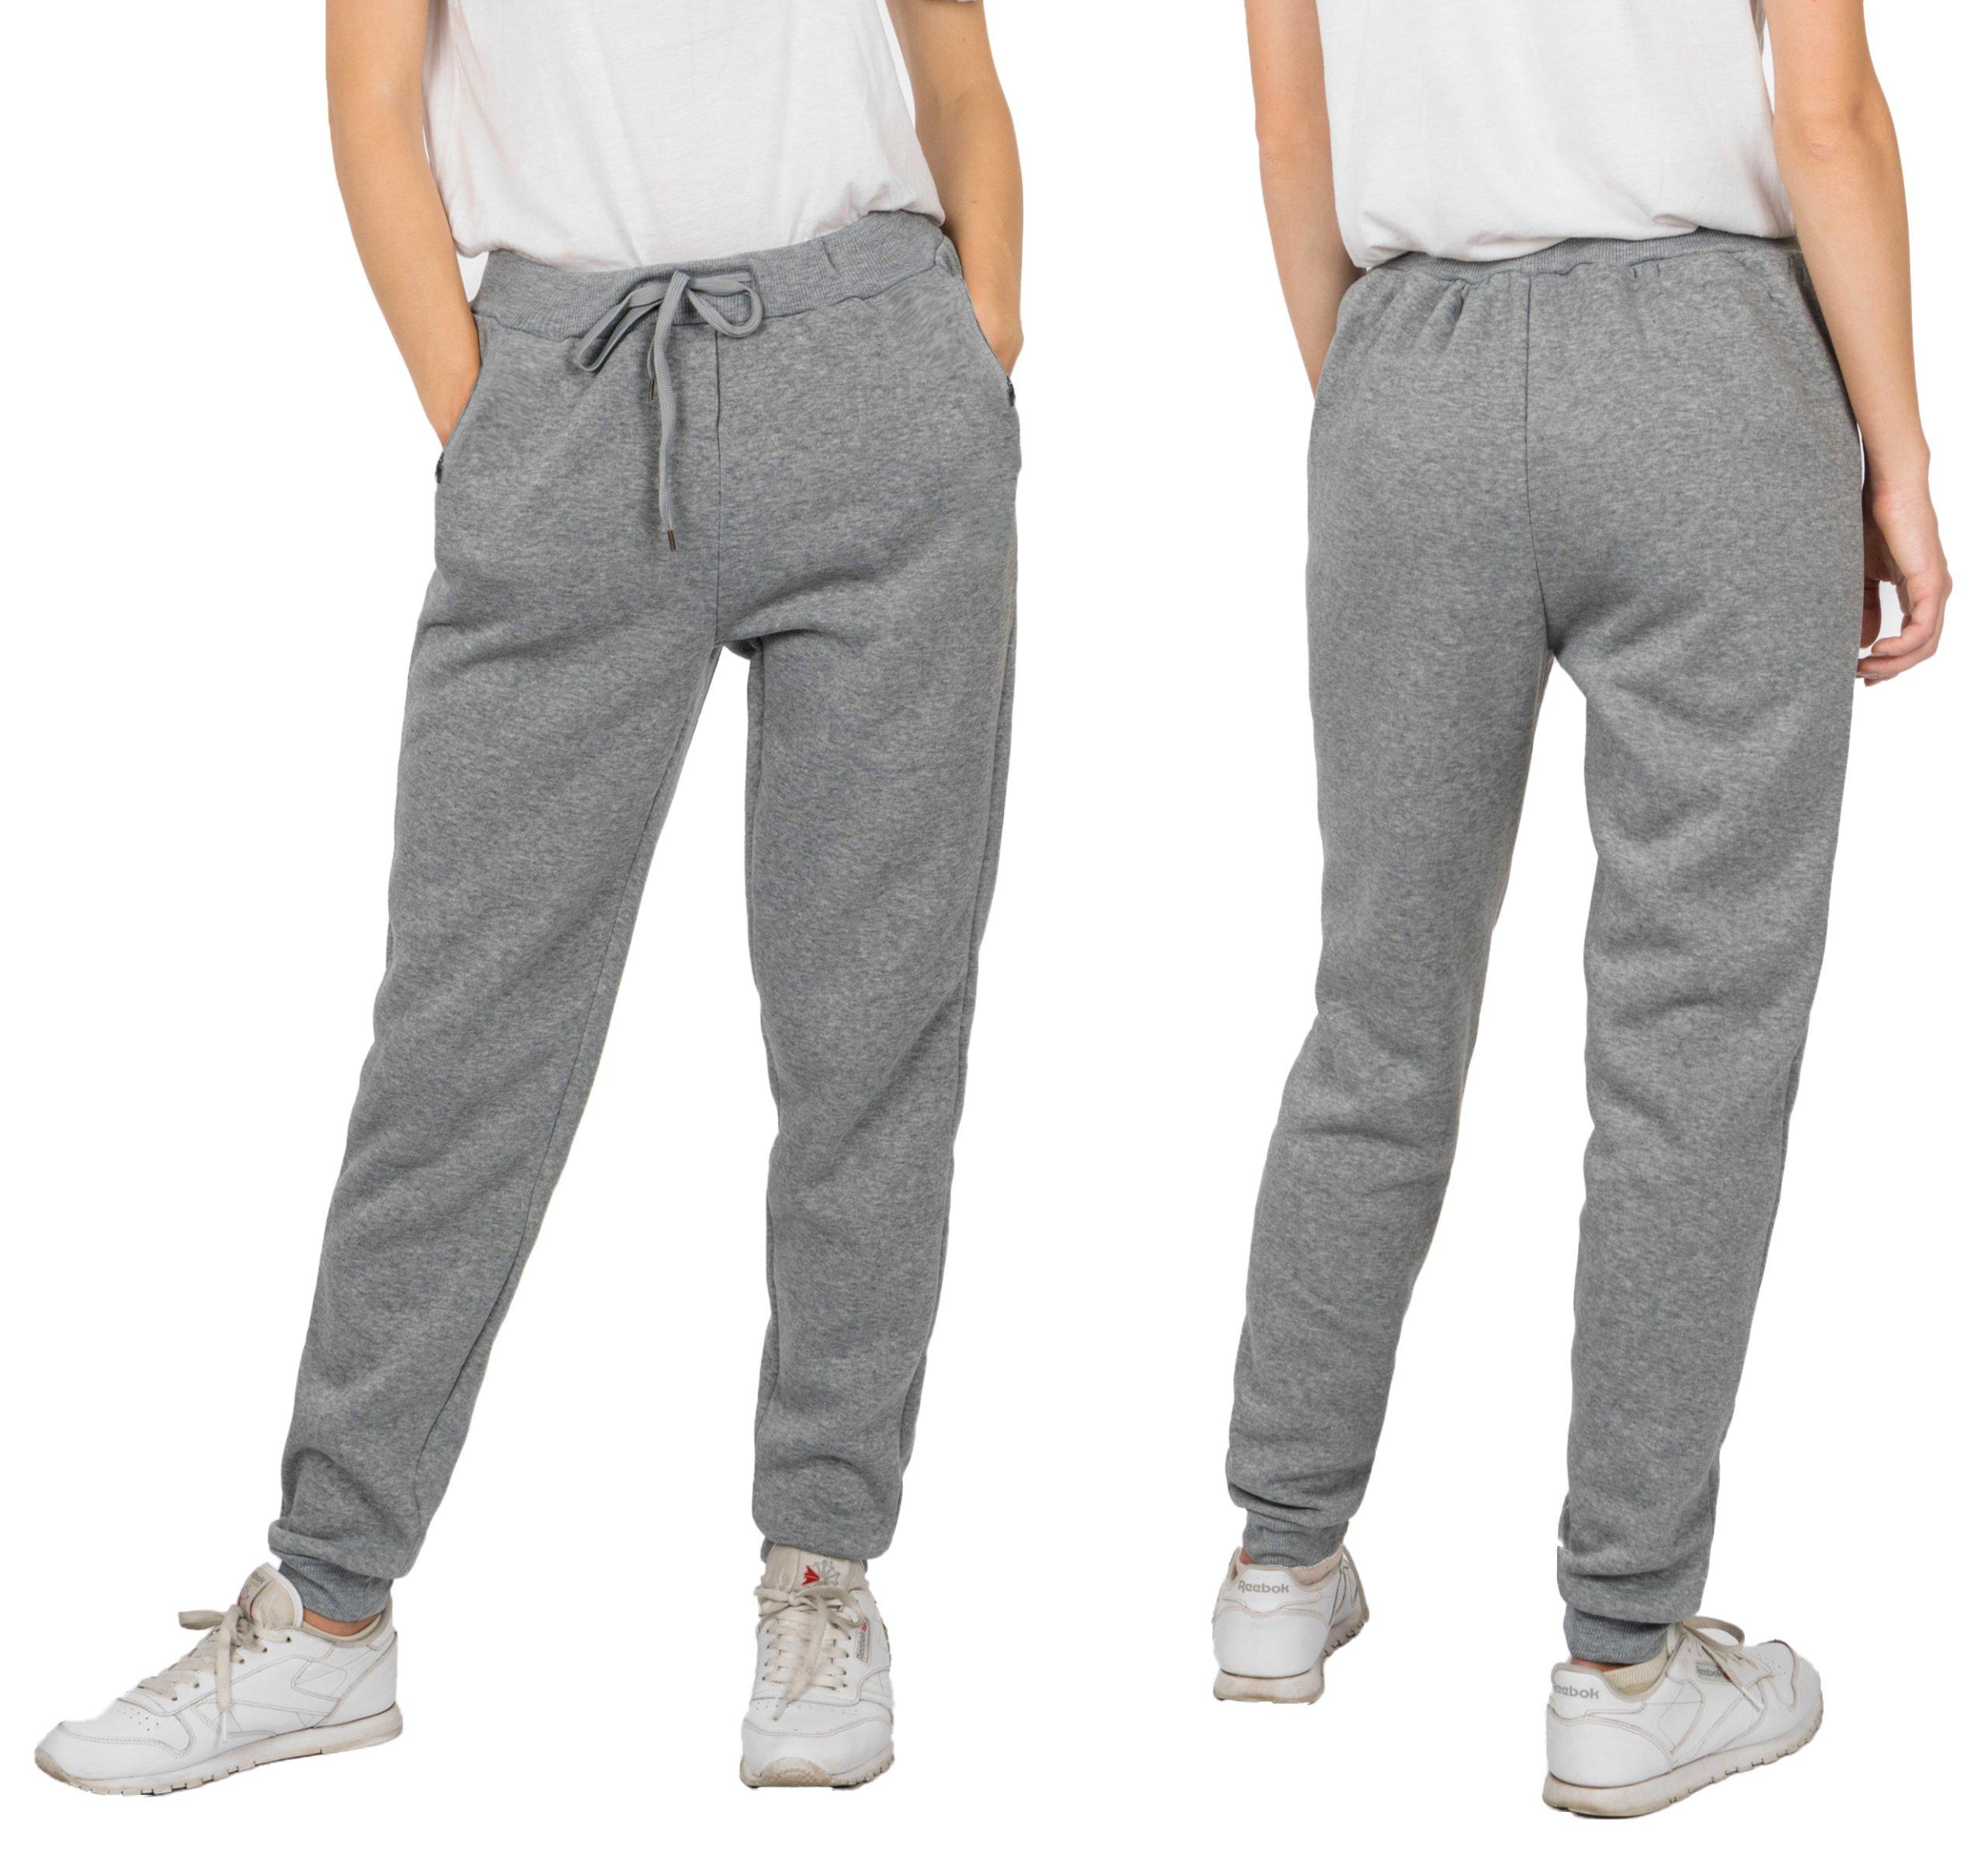 Spodnie Dresowe Damskie Dresy 558 XL melanż ciemn